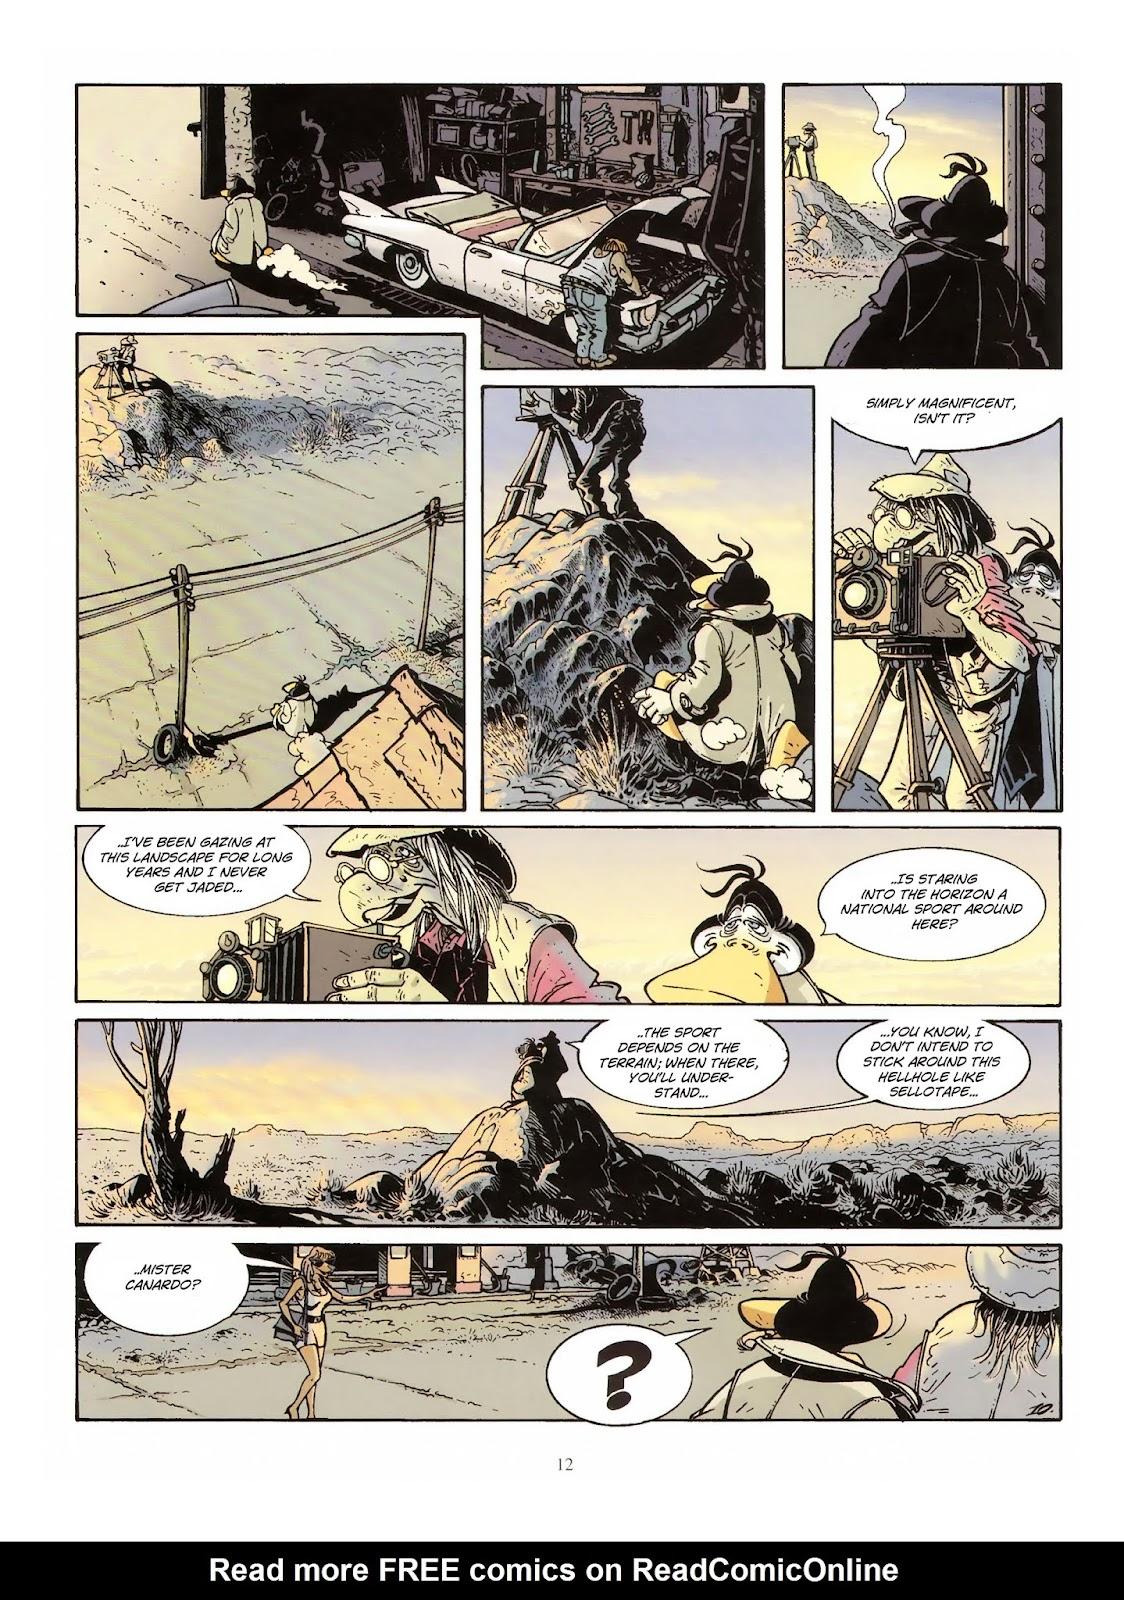 Une enquête de l'inspecteur Canardo issue 10 - Page 13